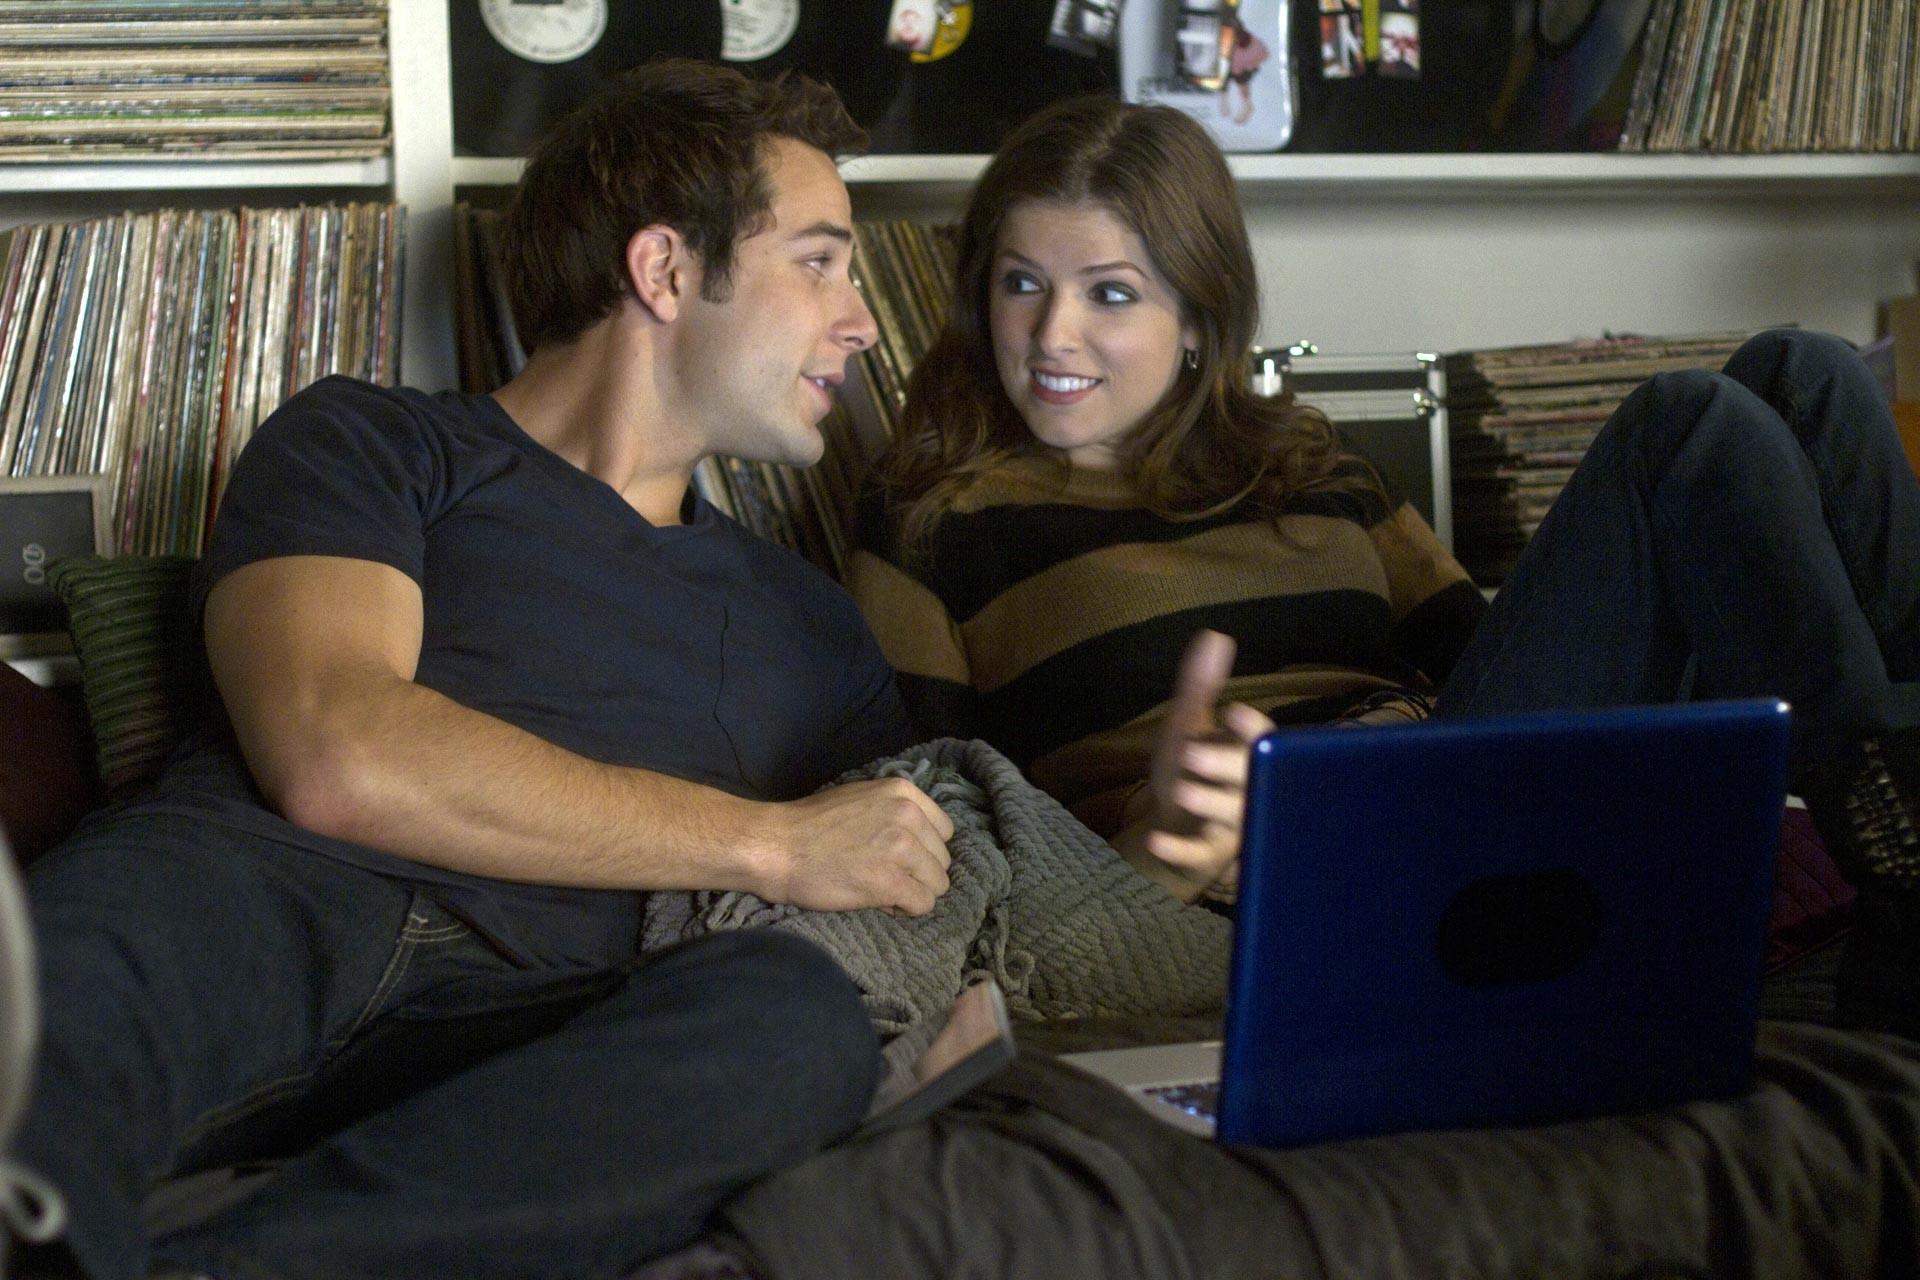 Jesse and Beca